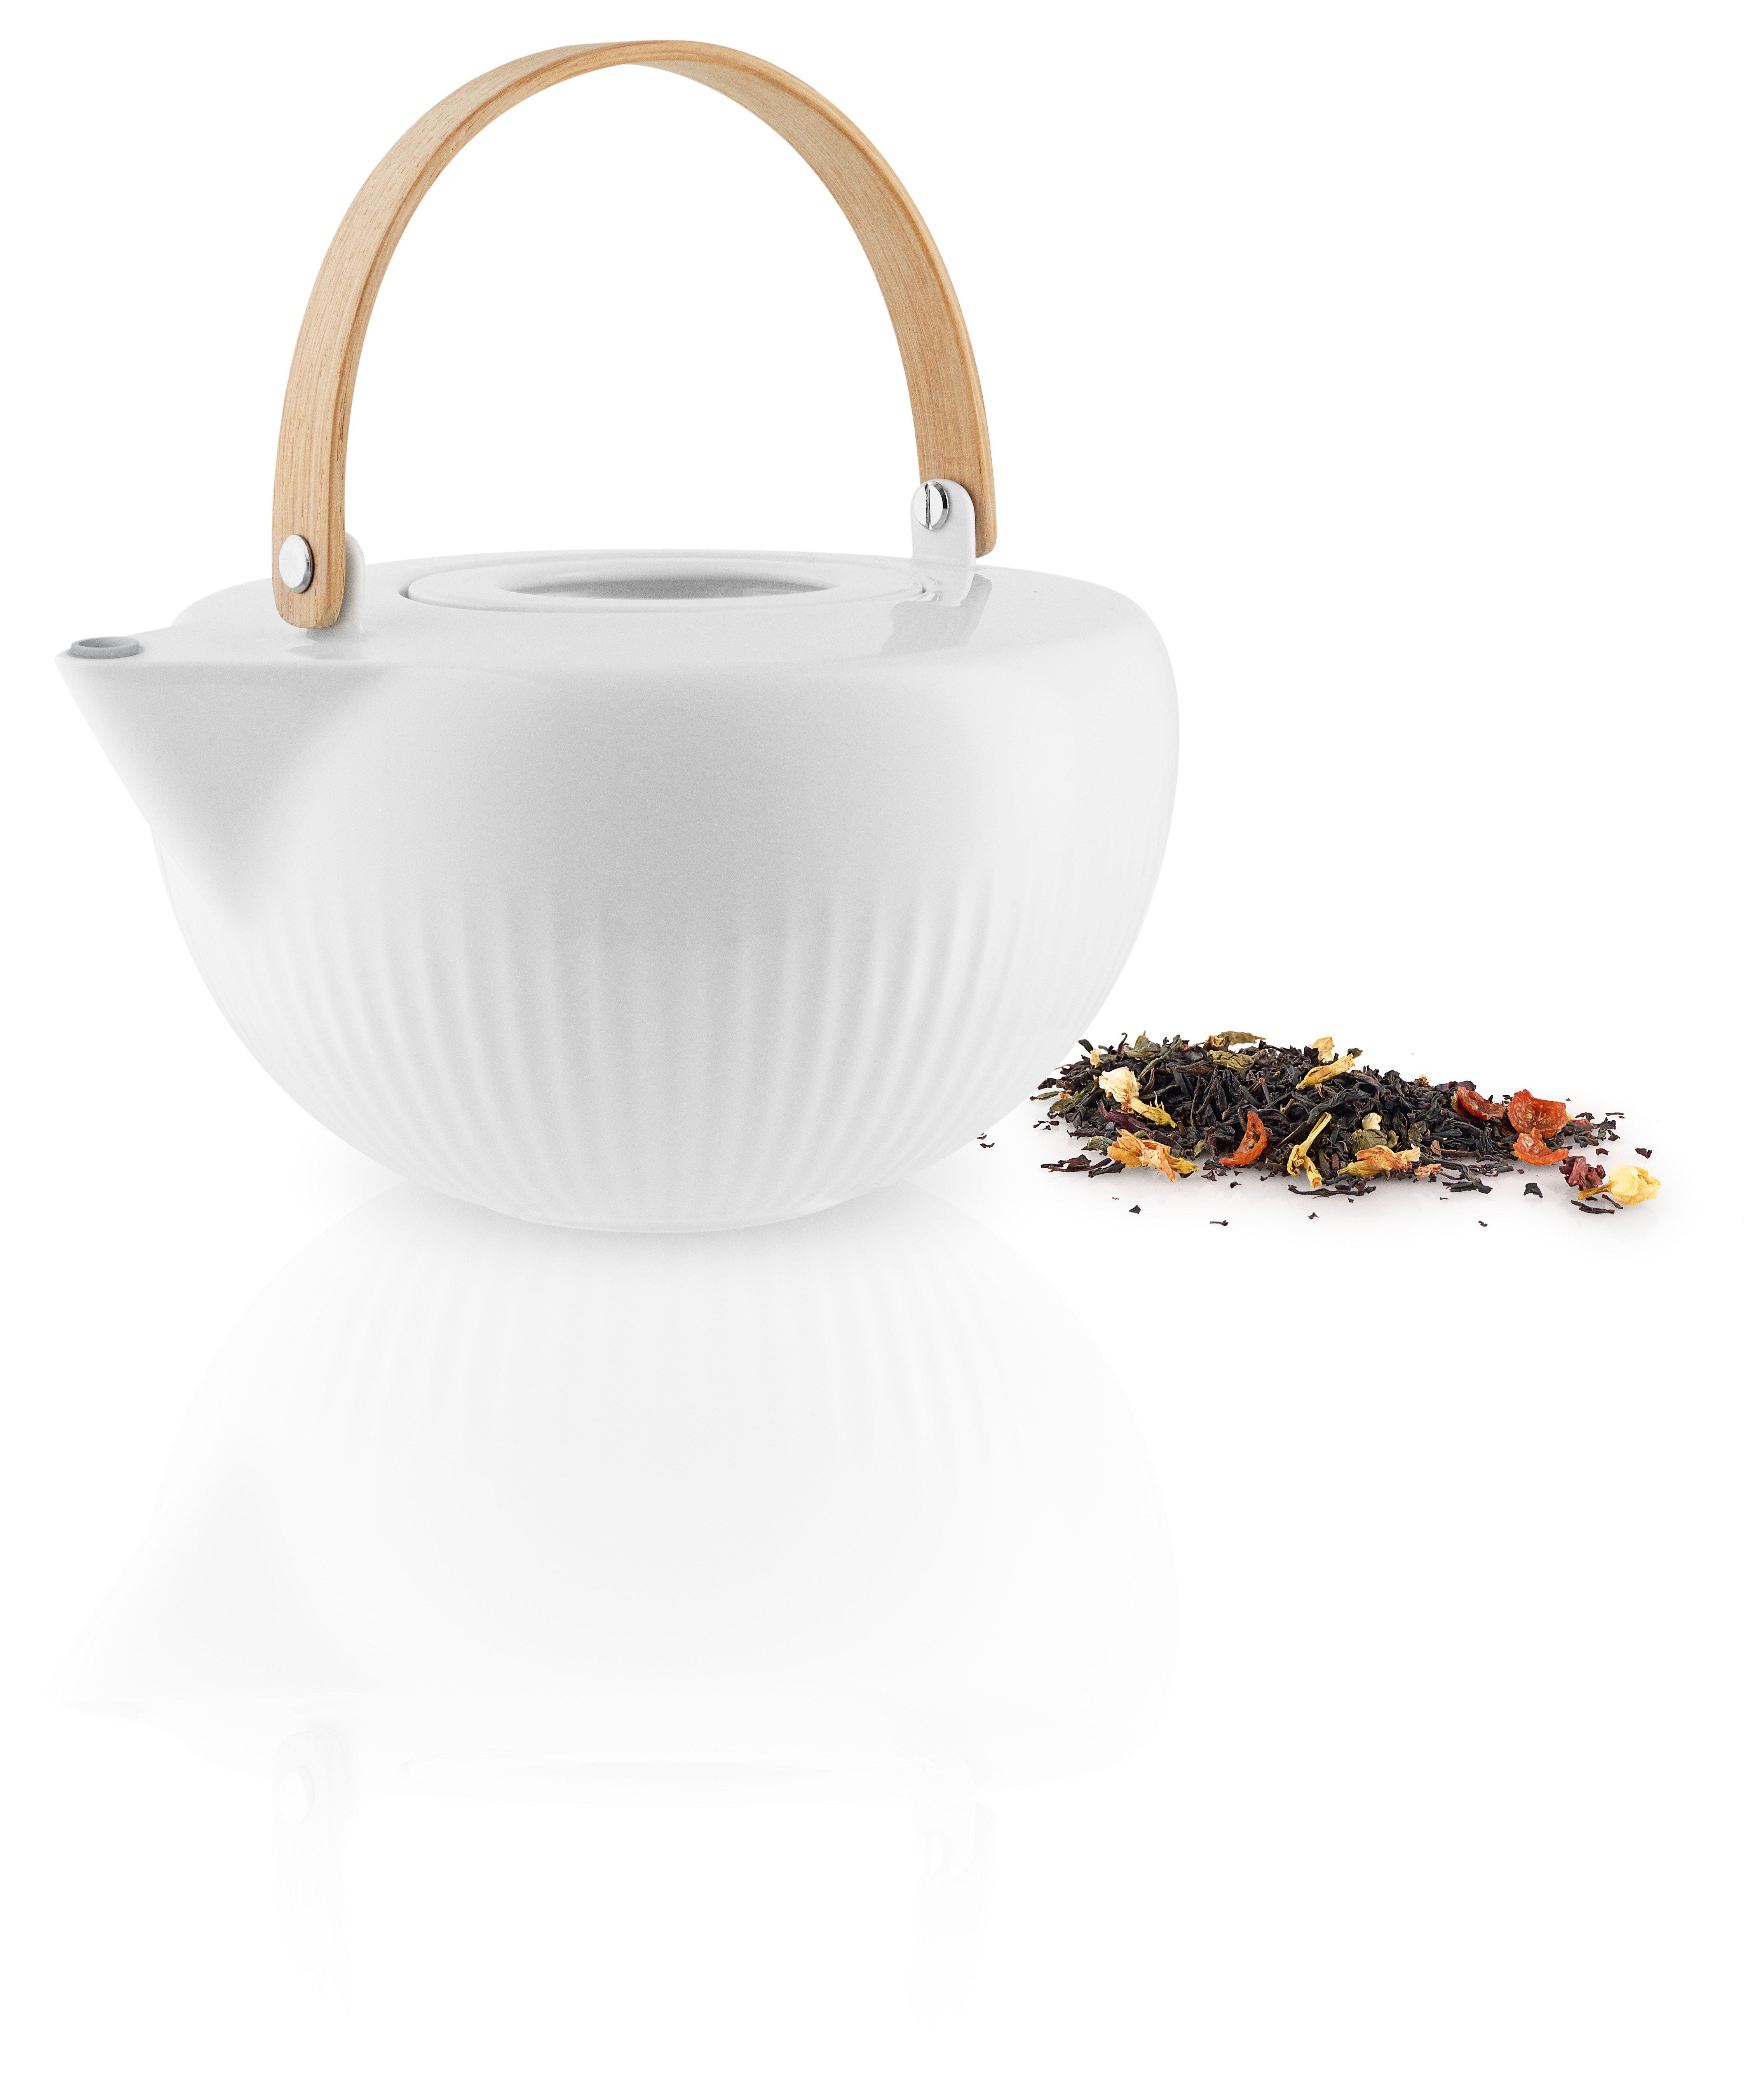 Eva Trio - Legio Nova The Pot - White (886268)